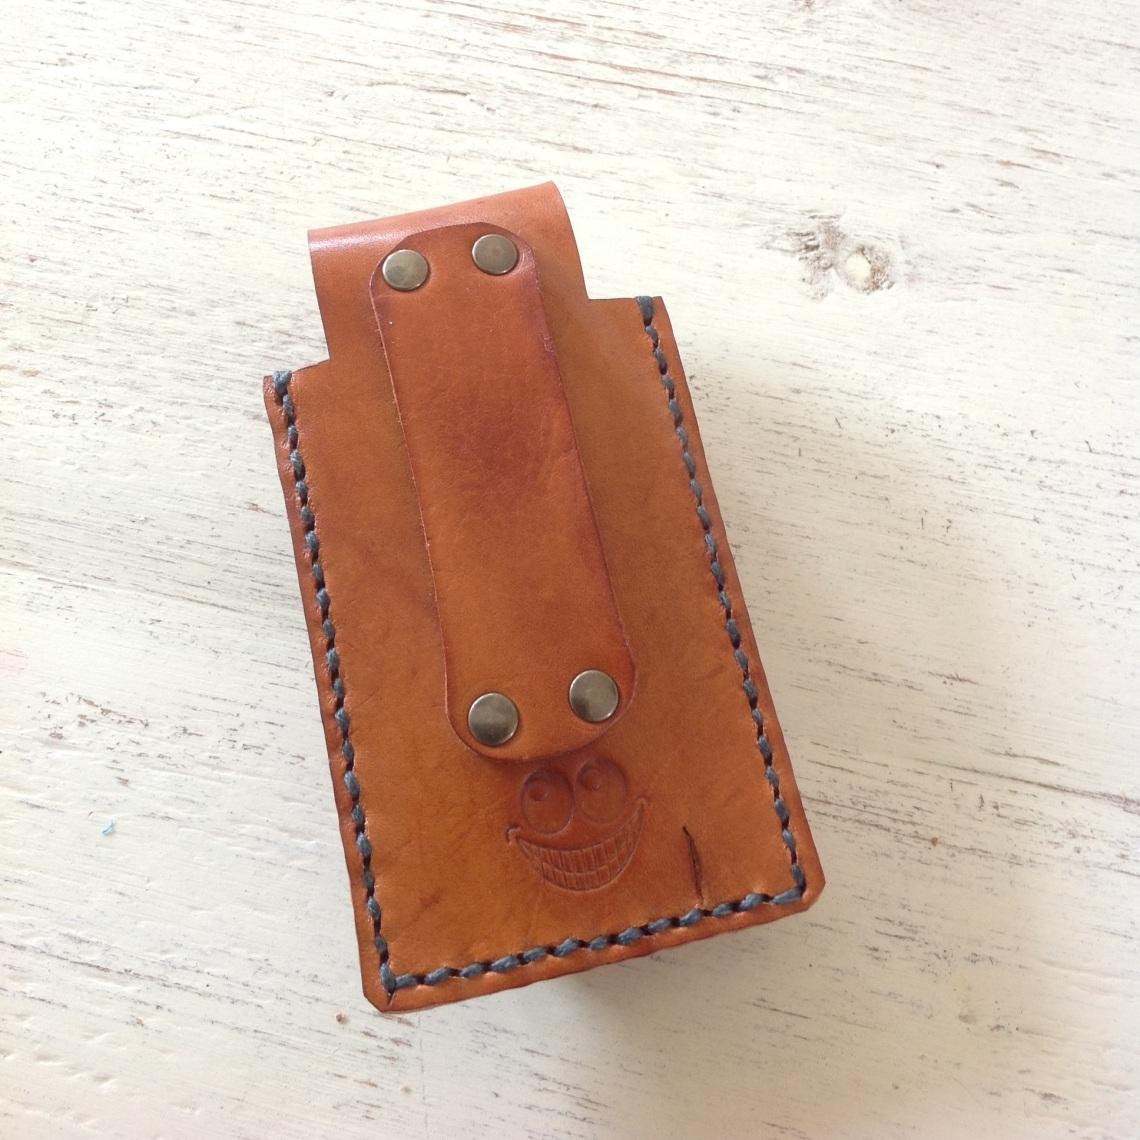 Leather Leatherman case back